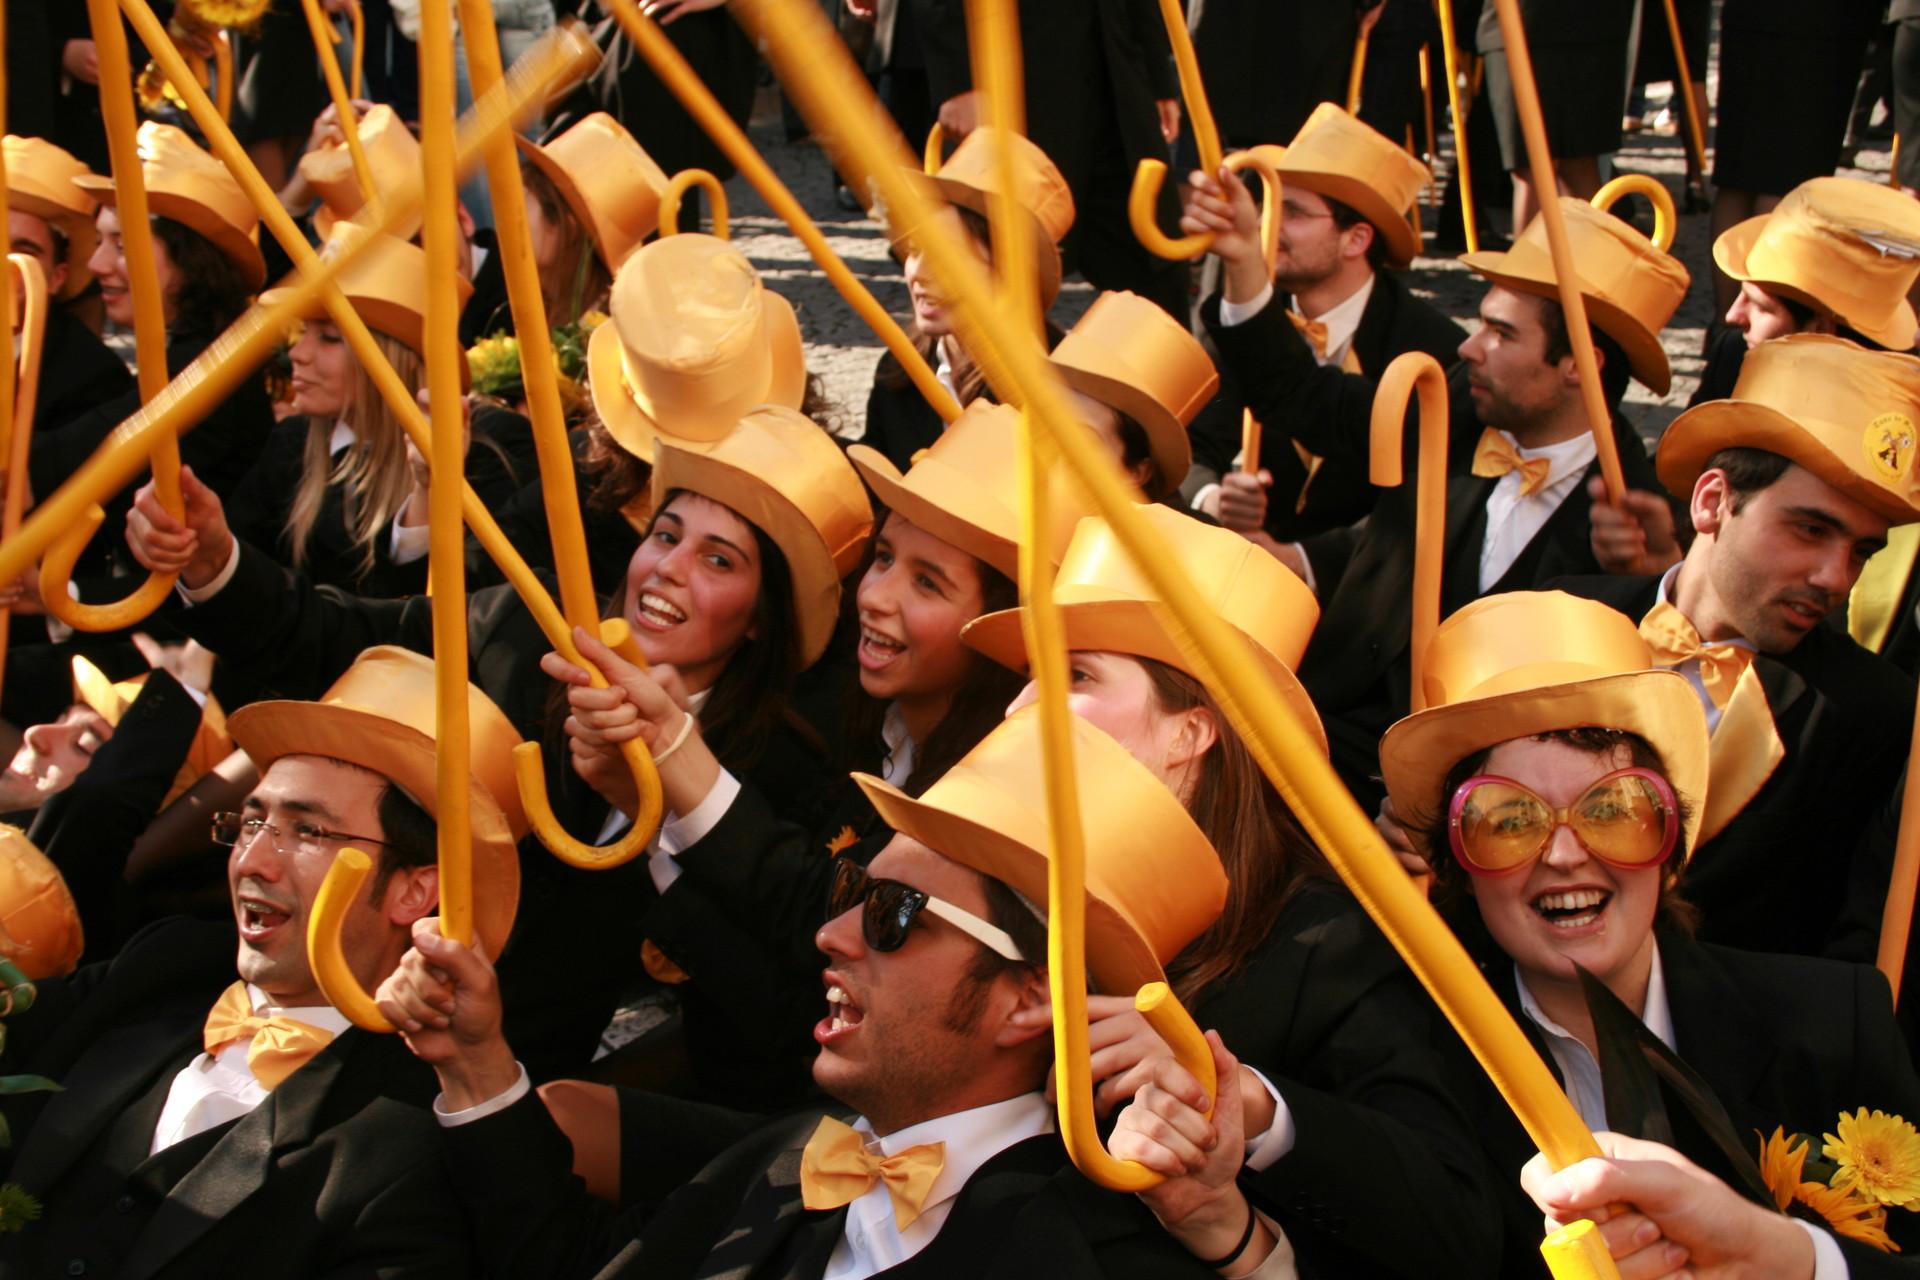 Praxe - Une tradition académique portugaise